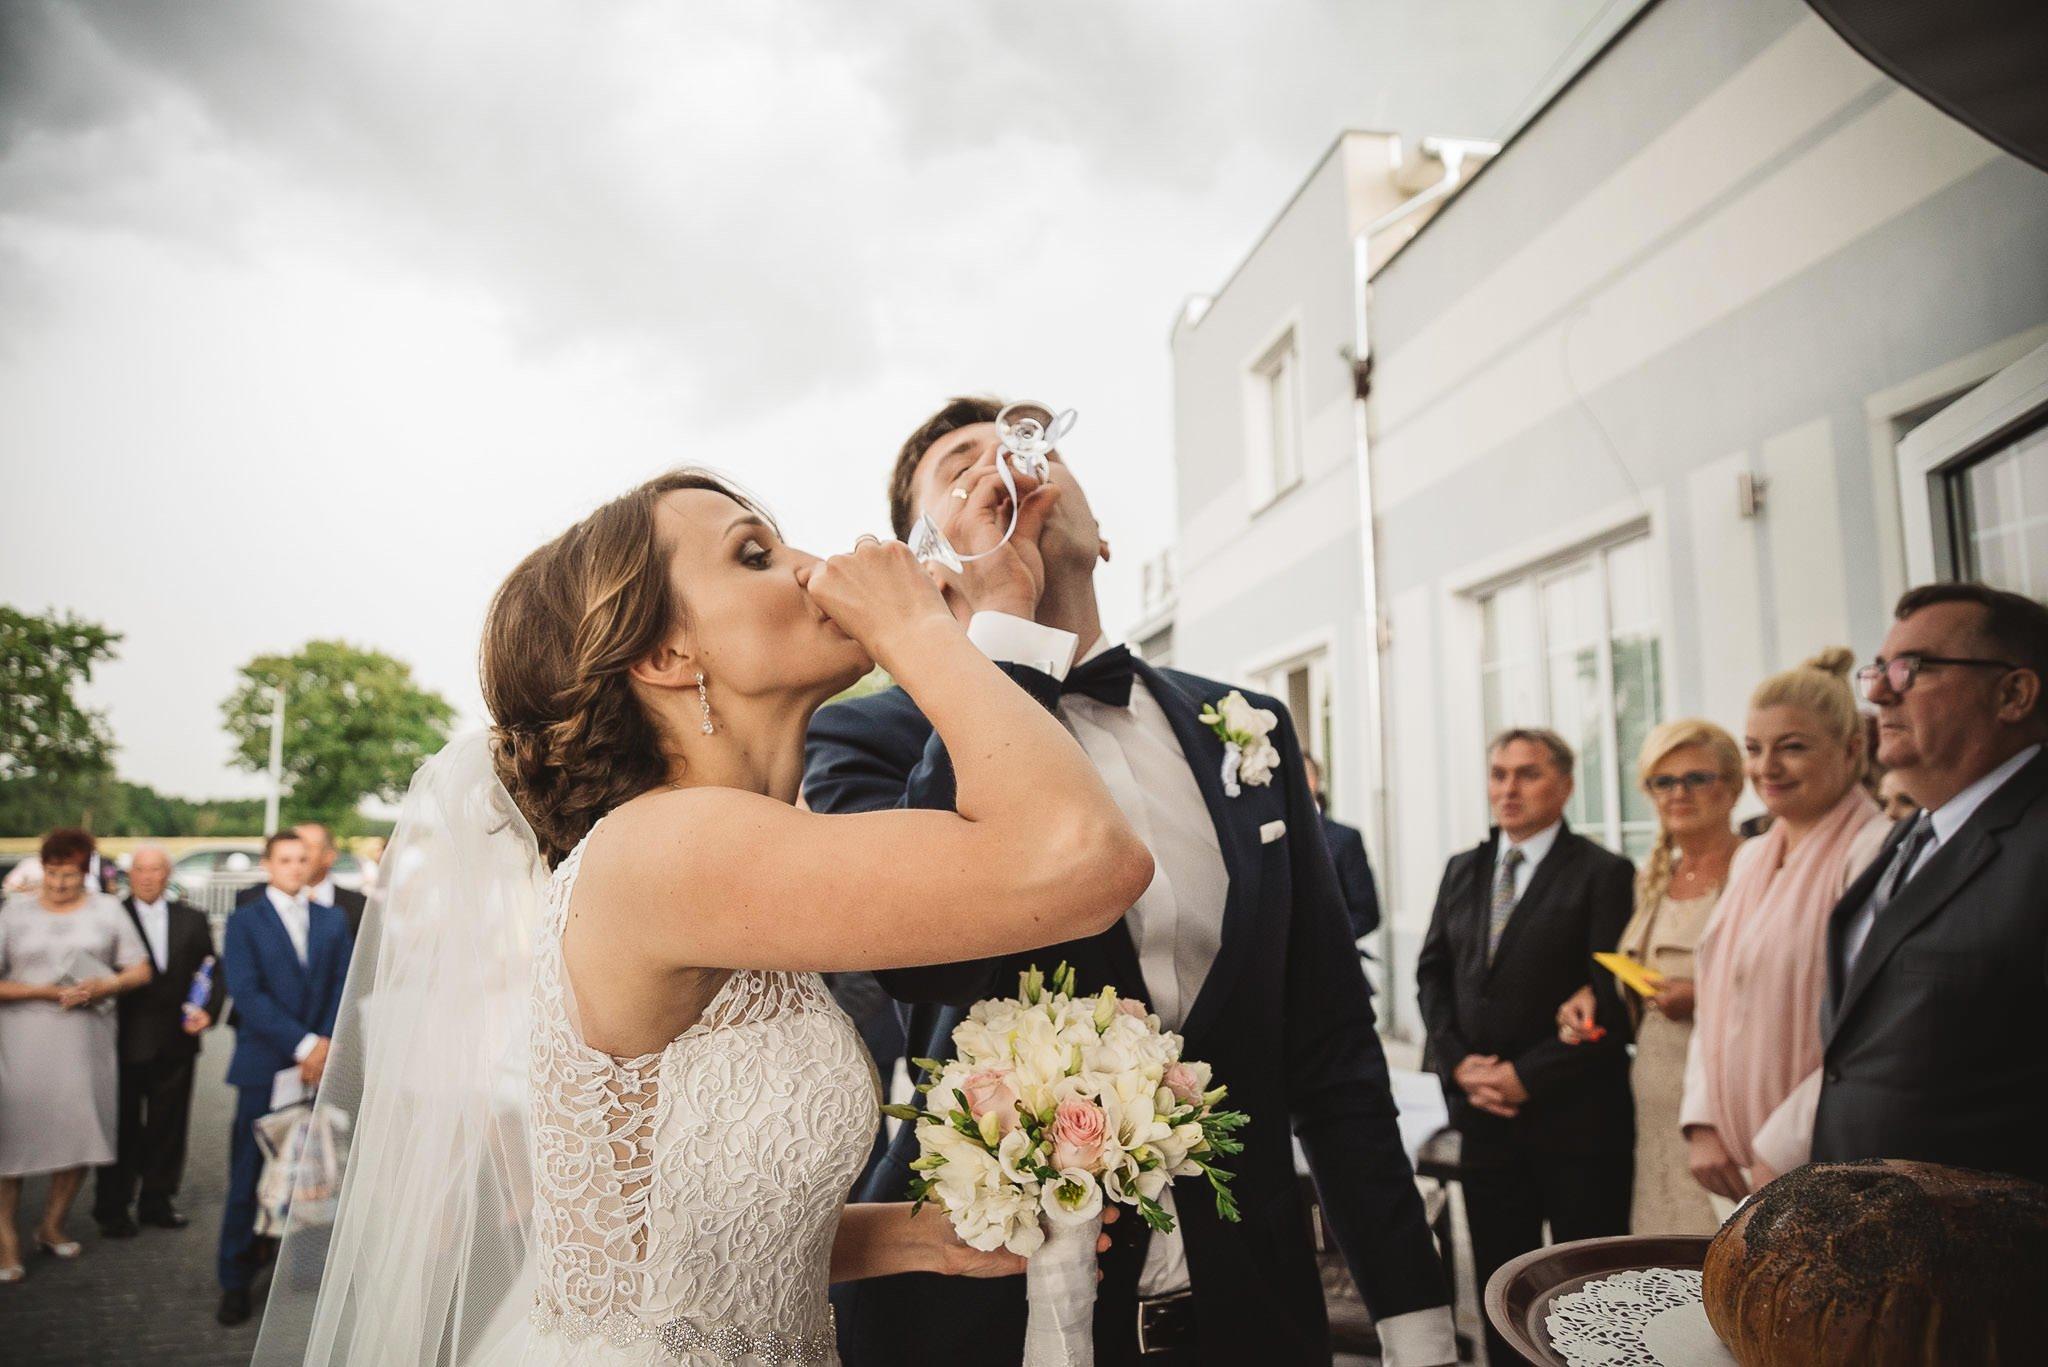 Monika i Michał, wesele w Paryżu i sesja plenerowa w stadninie koni w Czołowie 162